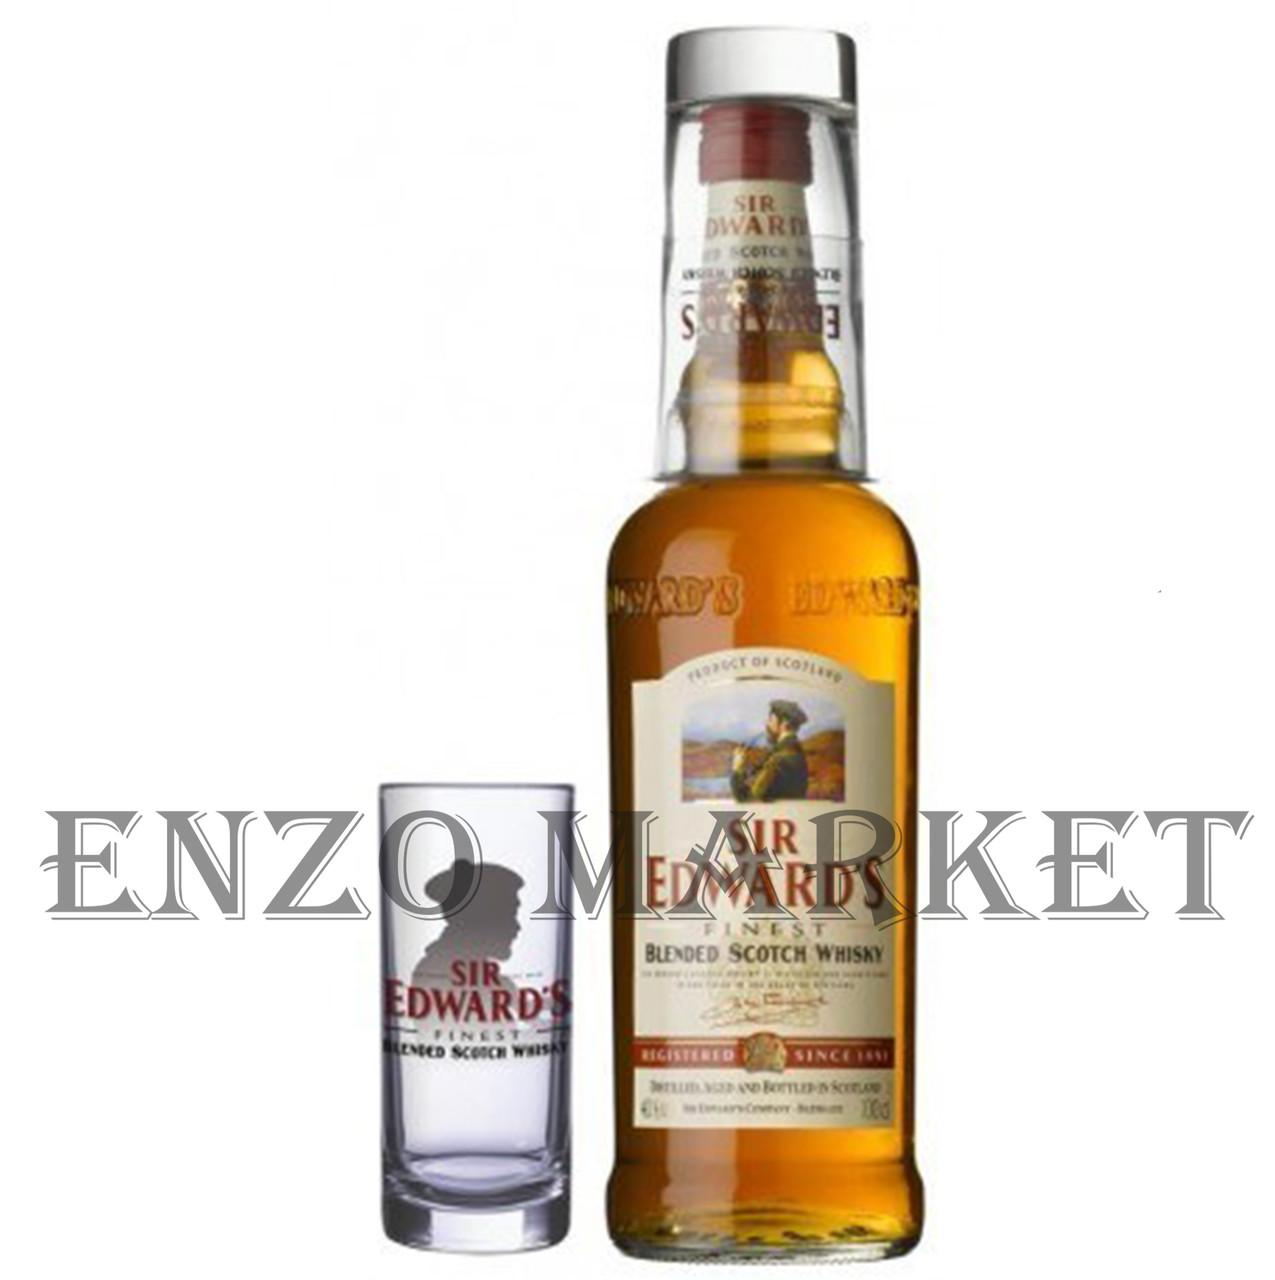 Виски Sir Edwards + Glass (Сир Эдвардс со стаканом) 40%, 1 литр